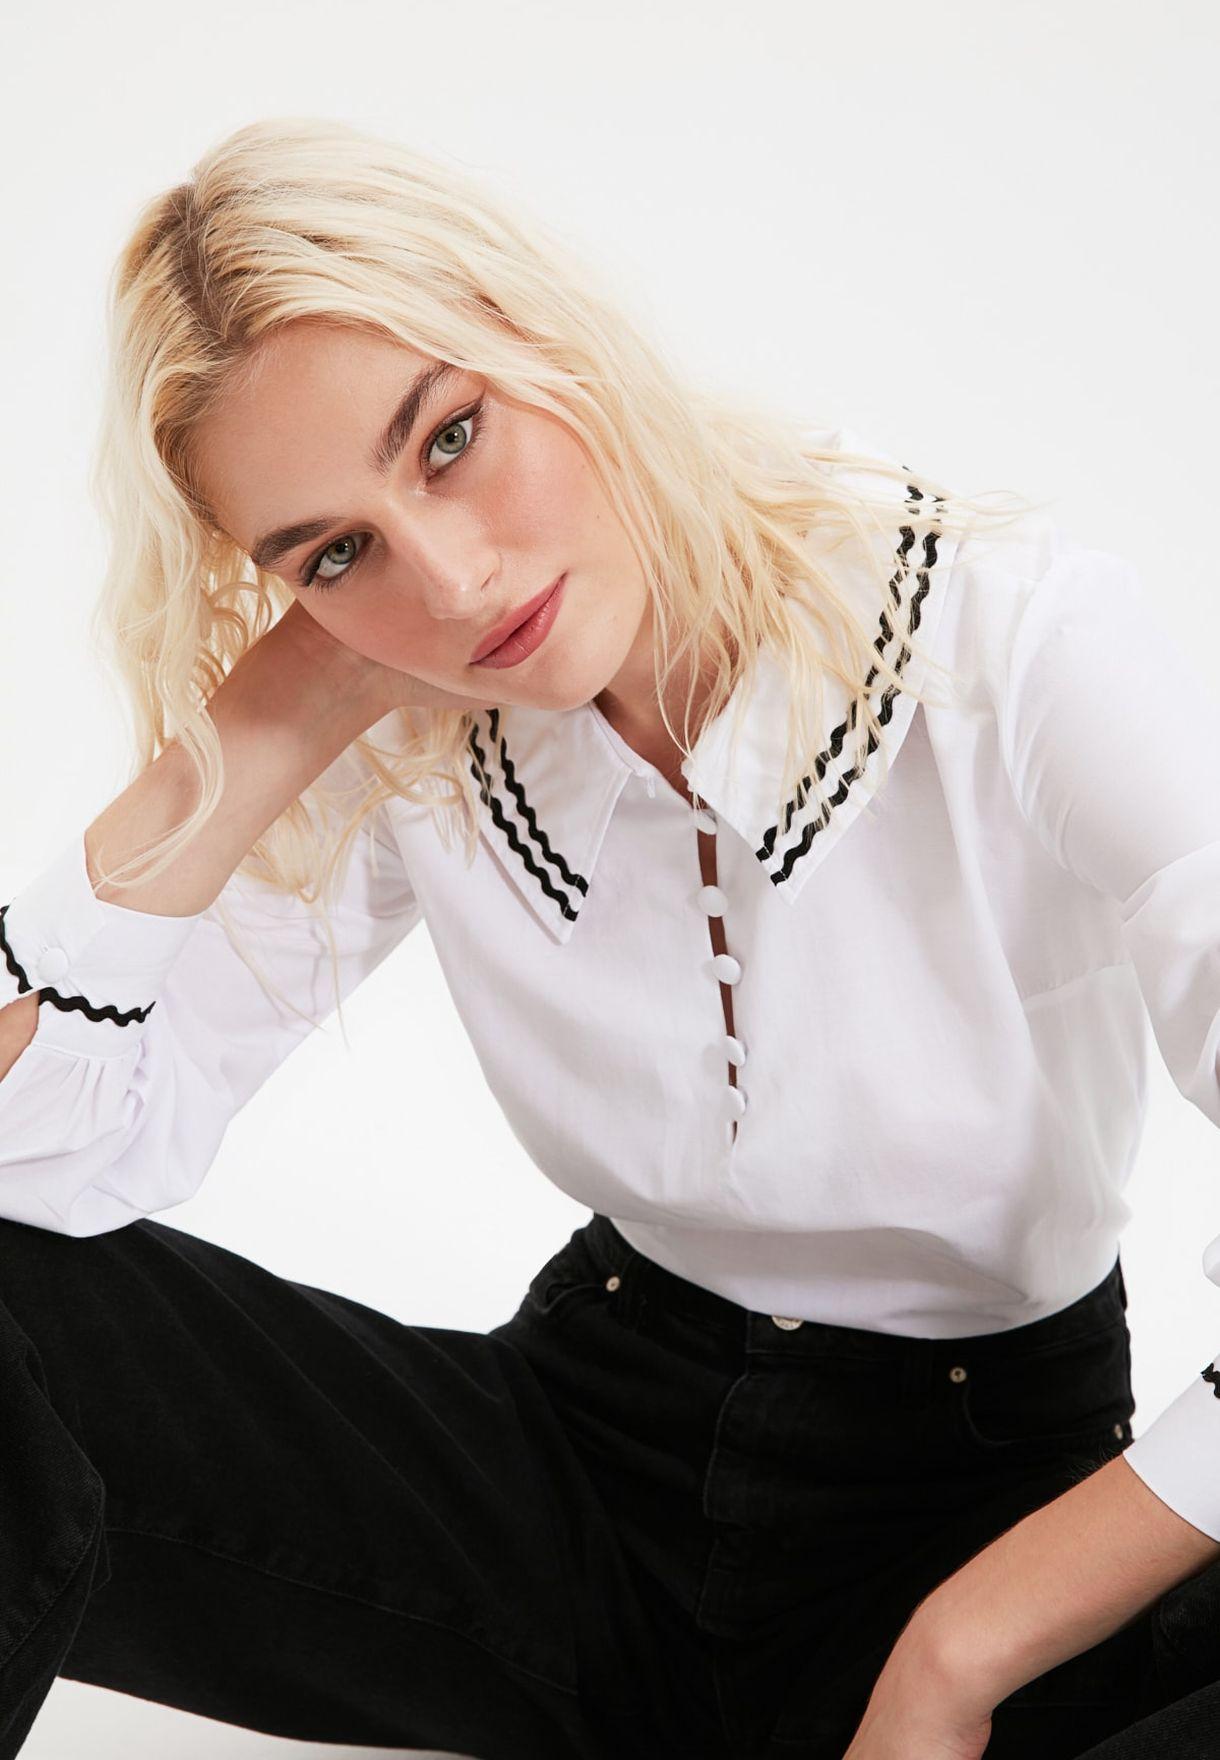 Buy Trendyol White Collar Detail Top For Women, Uae 27680atfkyip